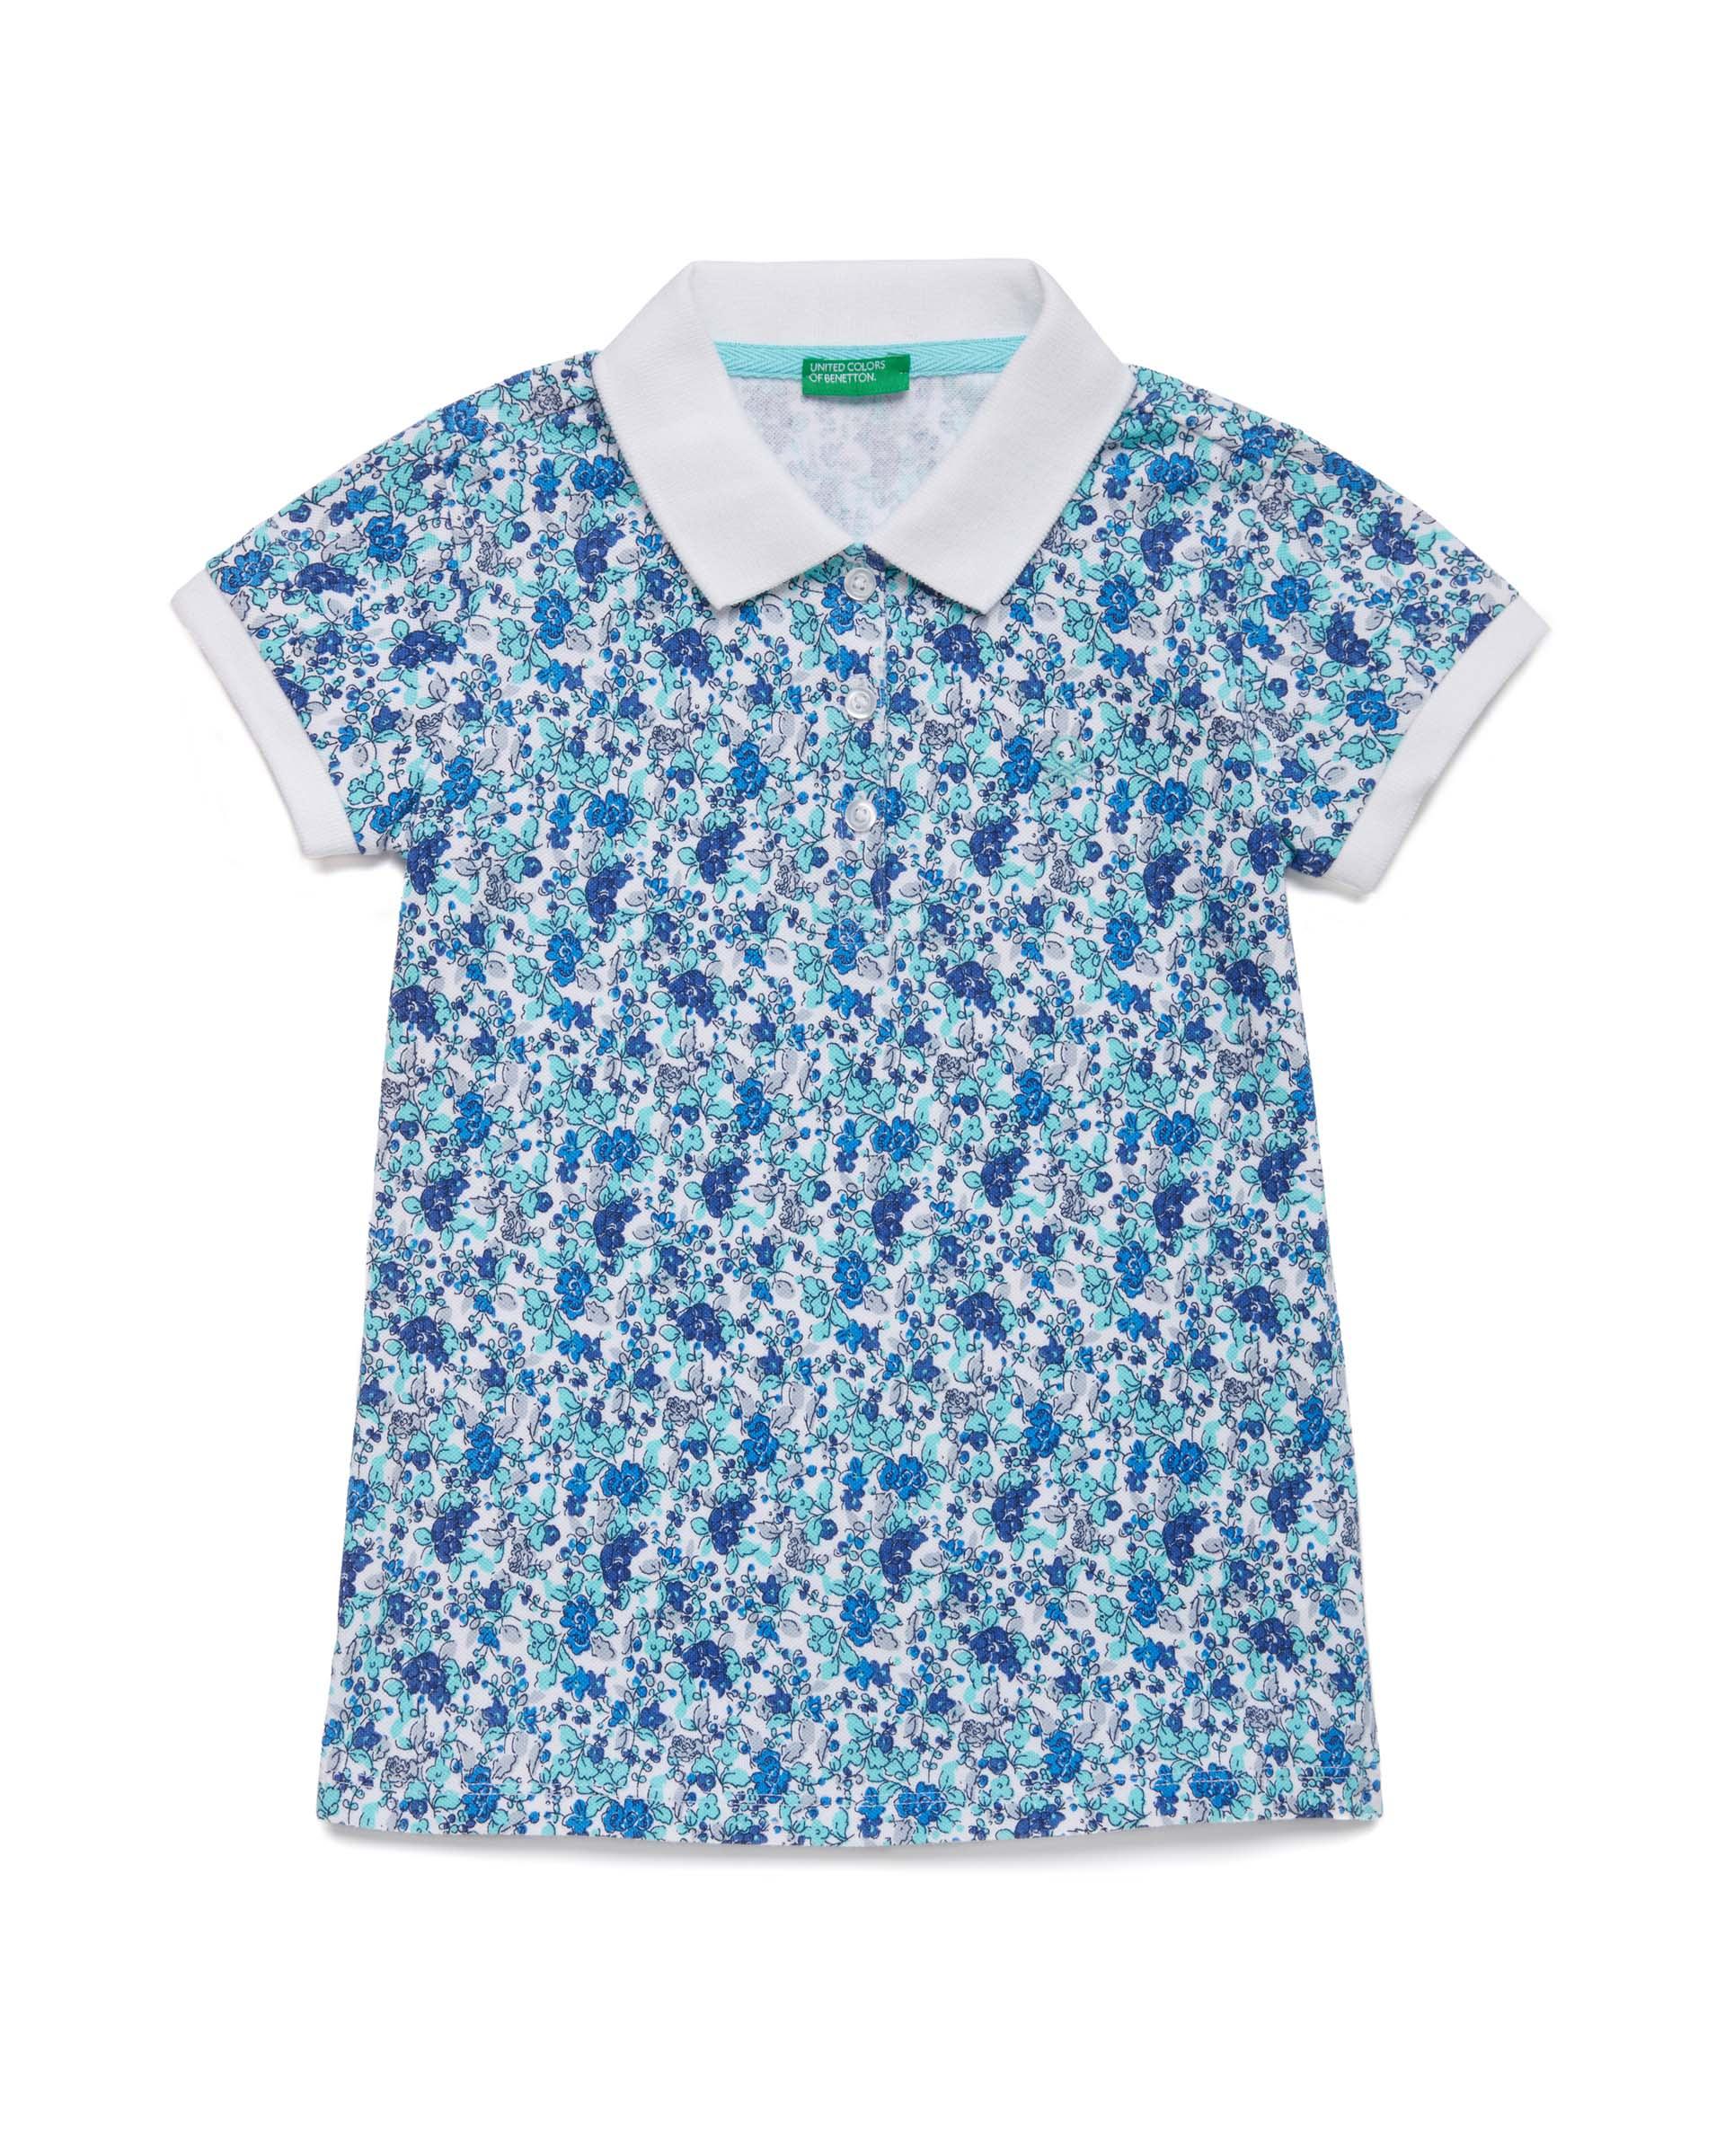 Купить 20P_3PK6C3126_69L, Поло-пике для девочек Benetton 3PK6C3126_69L р-р 92, United Colors of Benetton, Кофточки, футболки для новорожденных